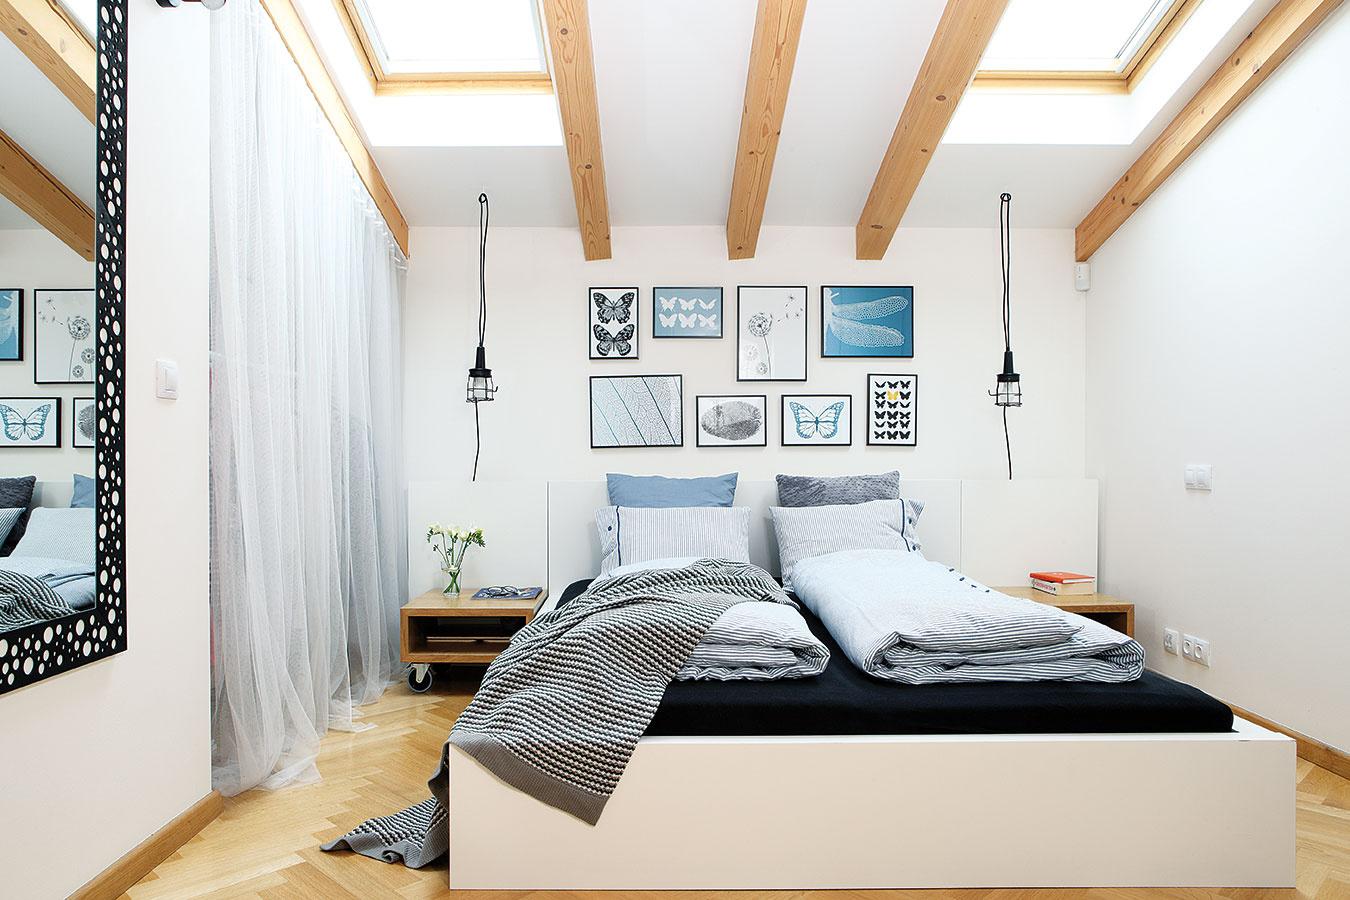 Vjemne pôsobiacej spálni dopĺňa základnú paletu bielej, čiernej aodtieňov dreva upokojujúca modrá. Príjemným akcentom sú zo šikminy visiace svietidlá nahrádzajúce štandardné stolové lampy.